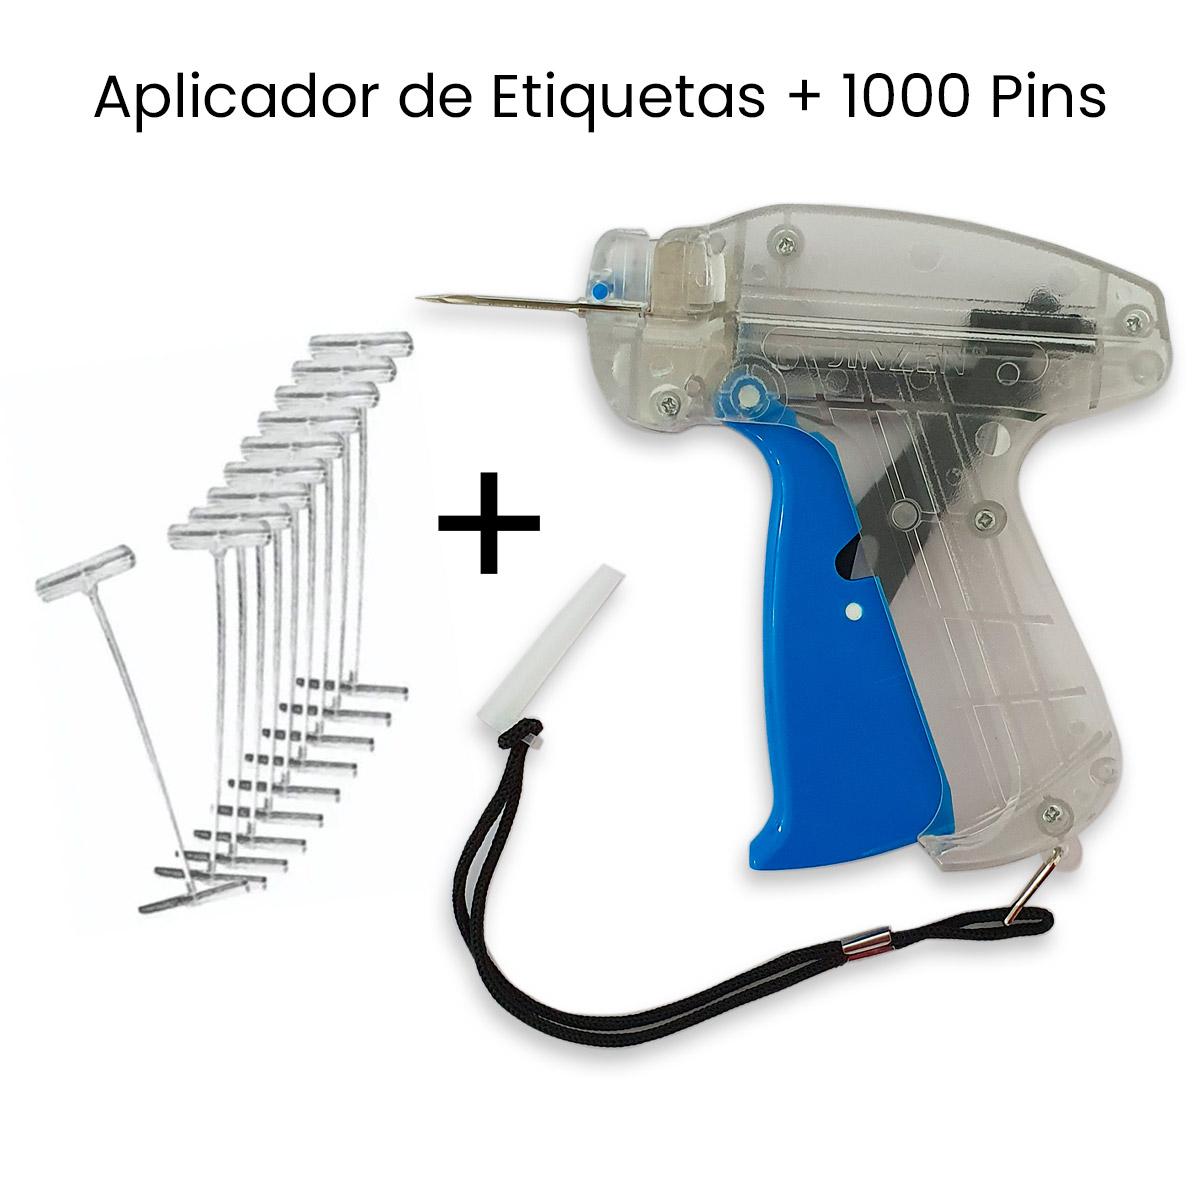 Aplicador Tag Pin Fast Pins Etiquetas TG 88  - Pavvia Agulhas e Peças